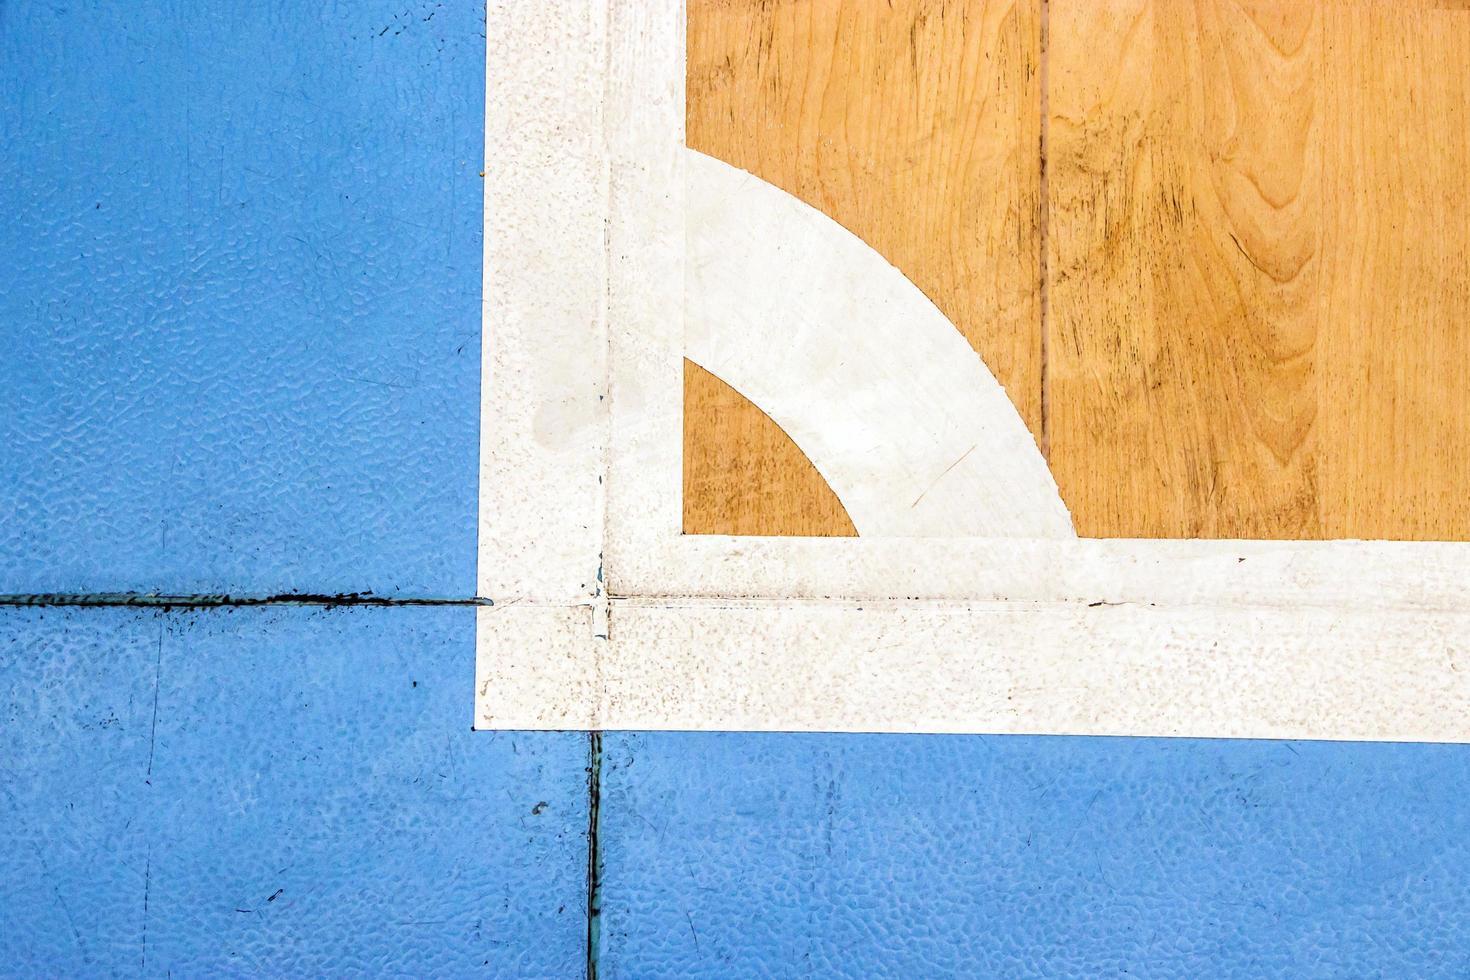 stade de sport en salle futbal court avec marque, ligne blanche dans le stade. photo